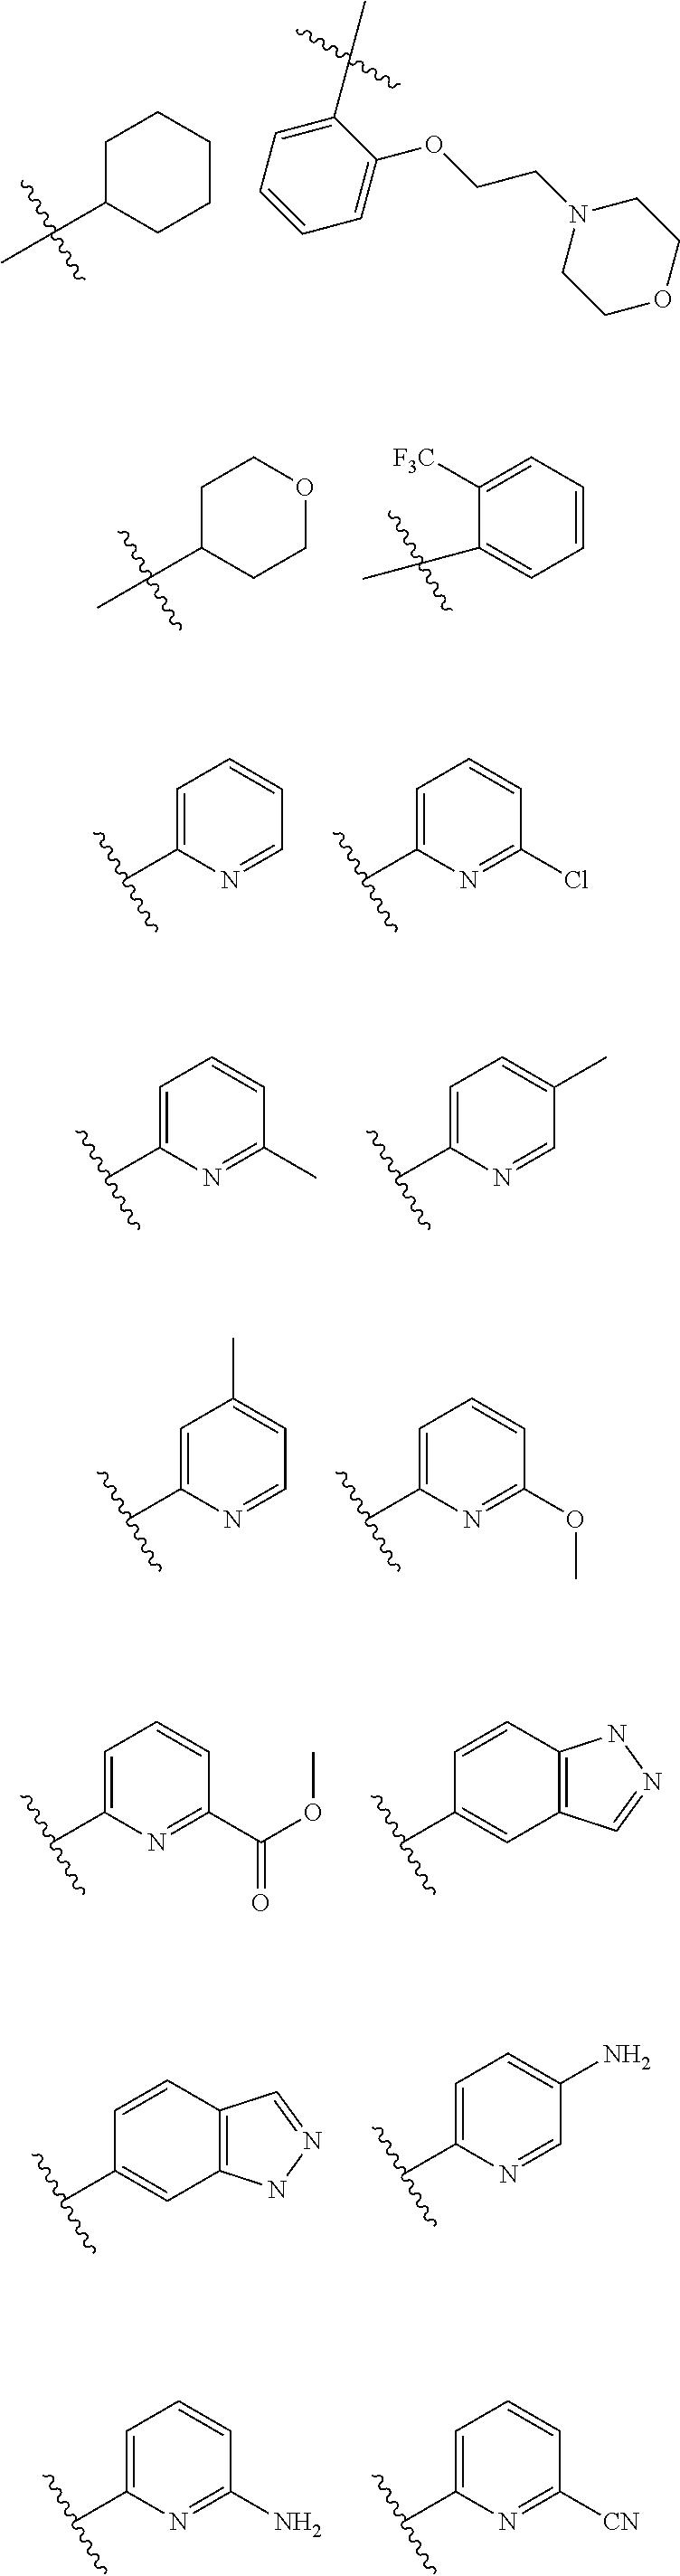 Figure US09216982-20151222-C00023